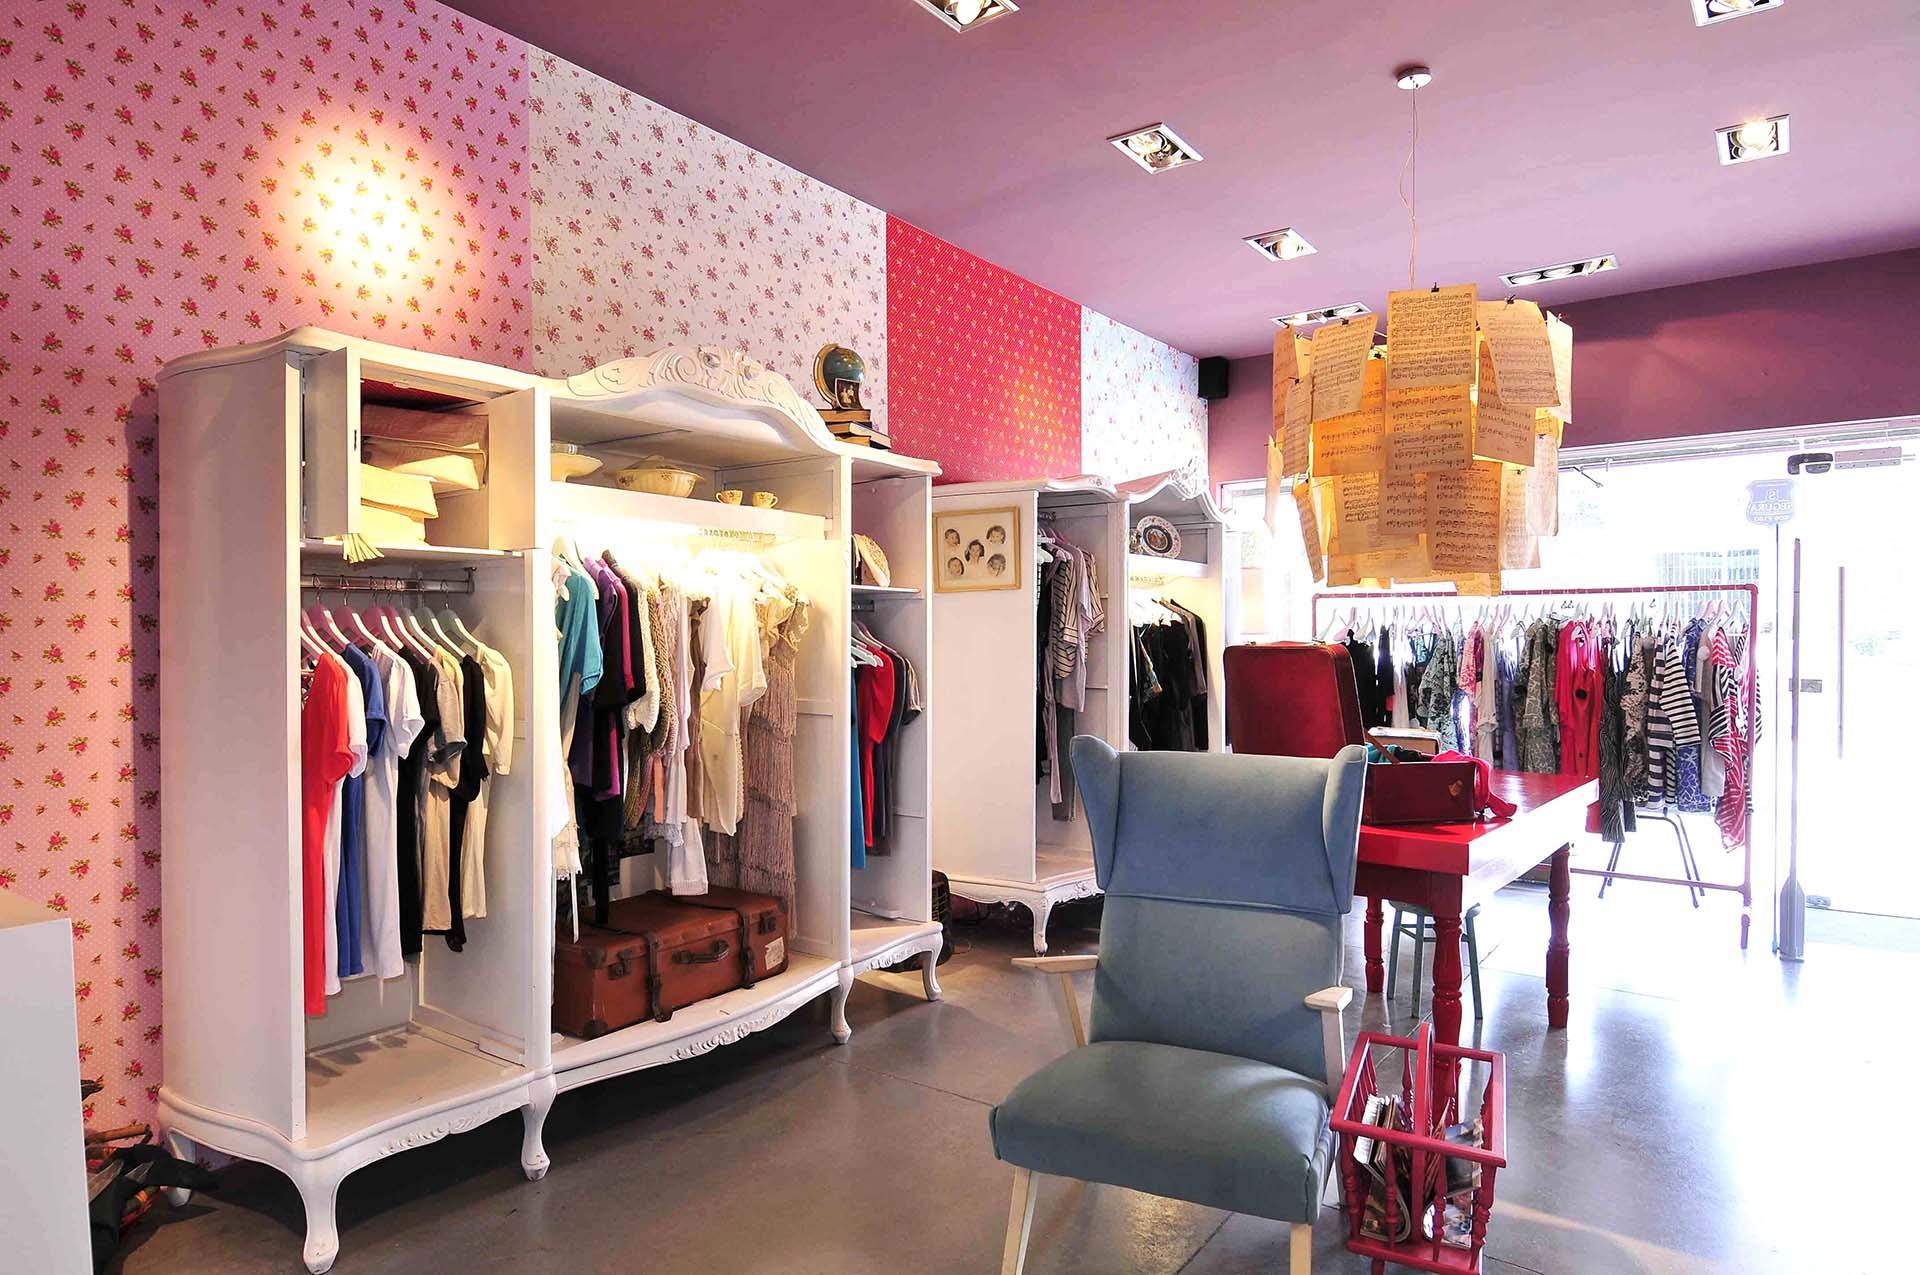 Tiendas de ropa vintage en Madrid, amores eternos y con mucho estilo